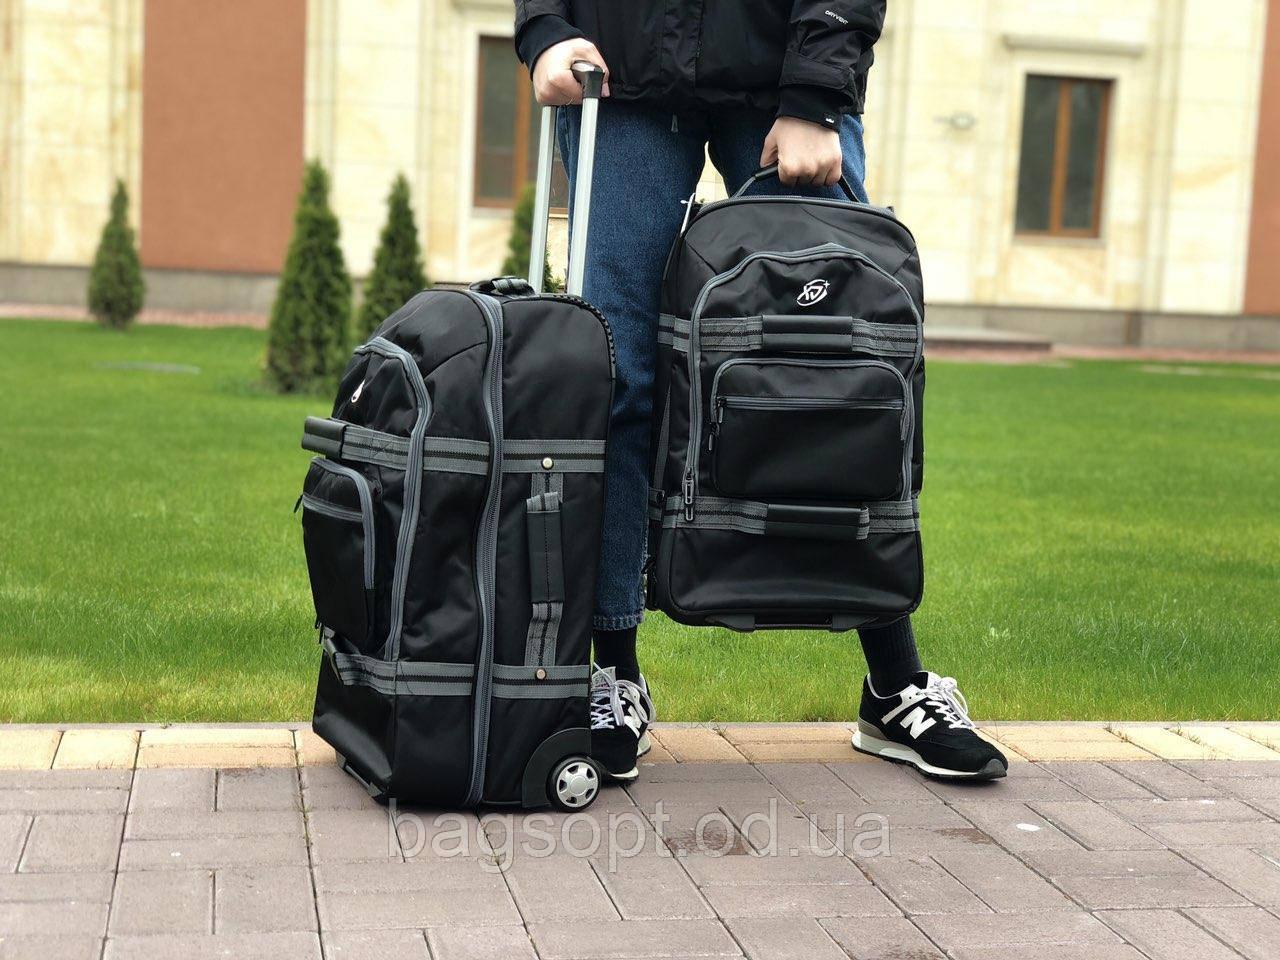 Комплект дорожных сумок на колесах с выдвижной телескопической ручкой